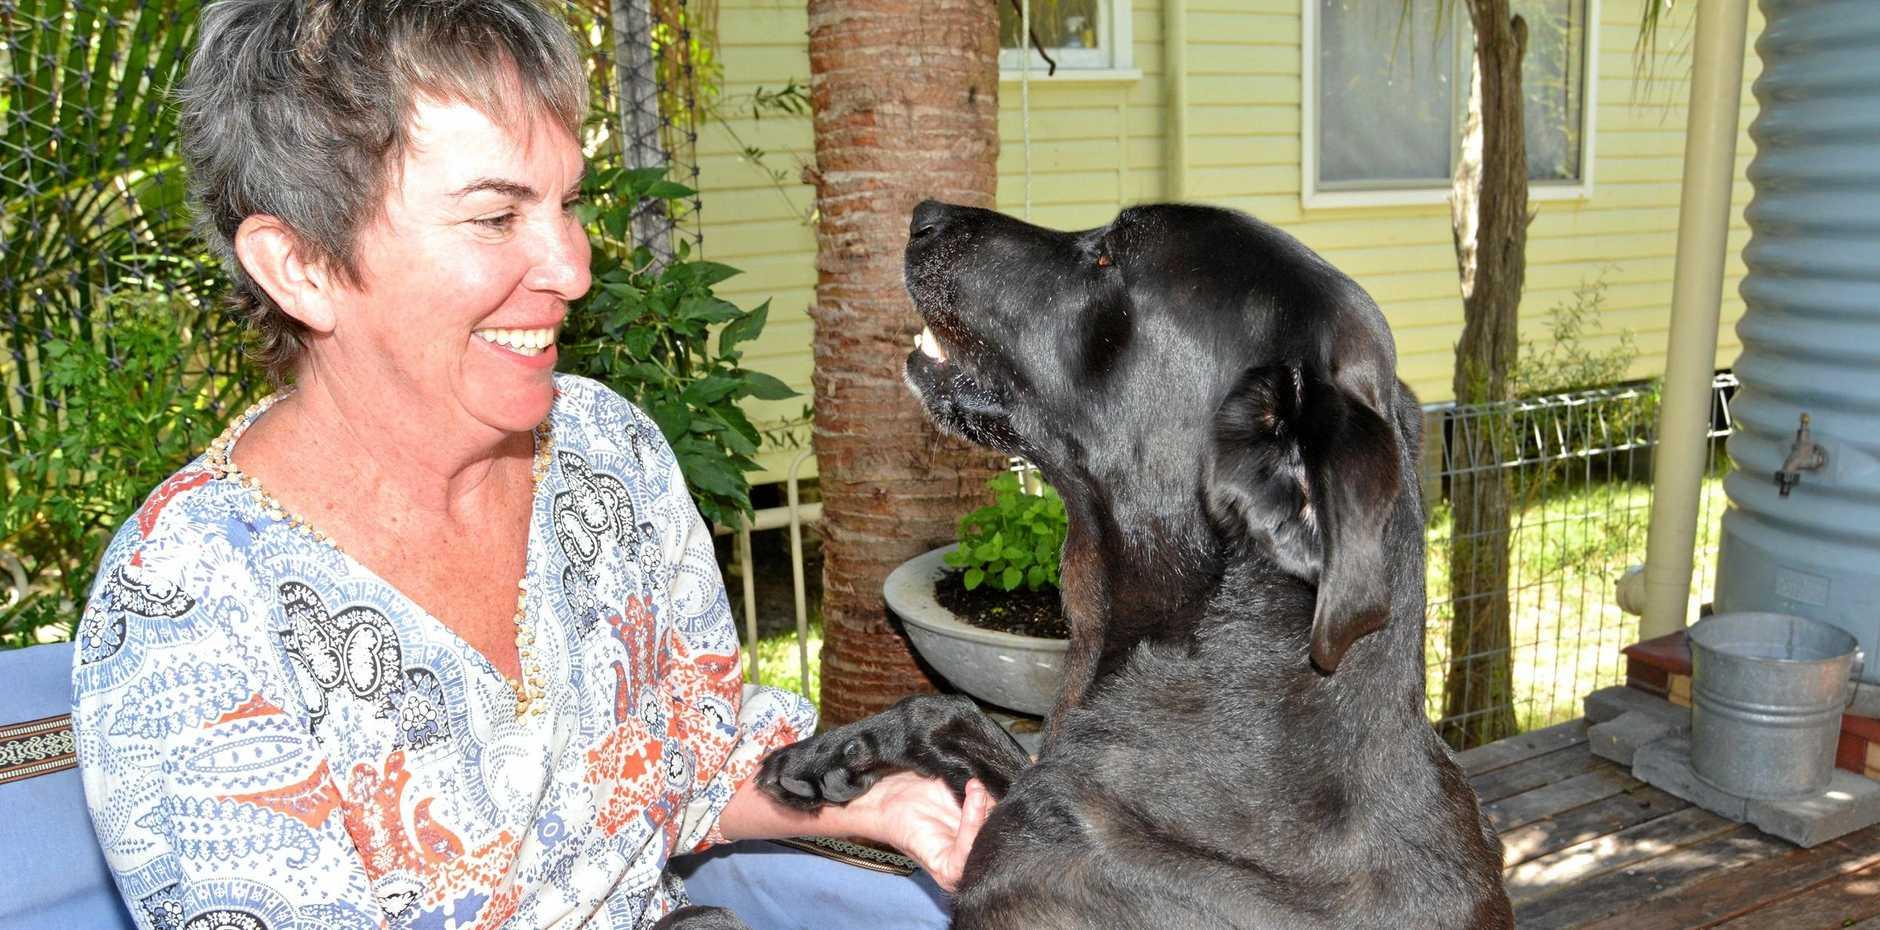 Guide Dogs Australia speaker Bev Larsson enjoys life with Henry.